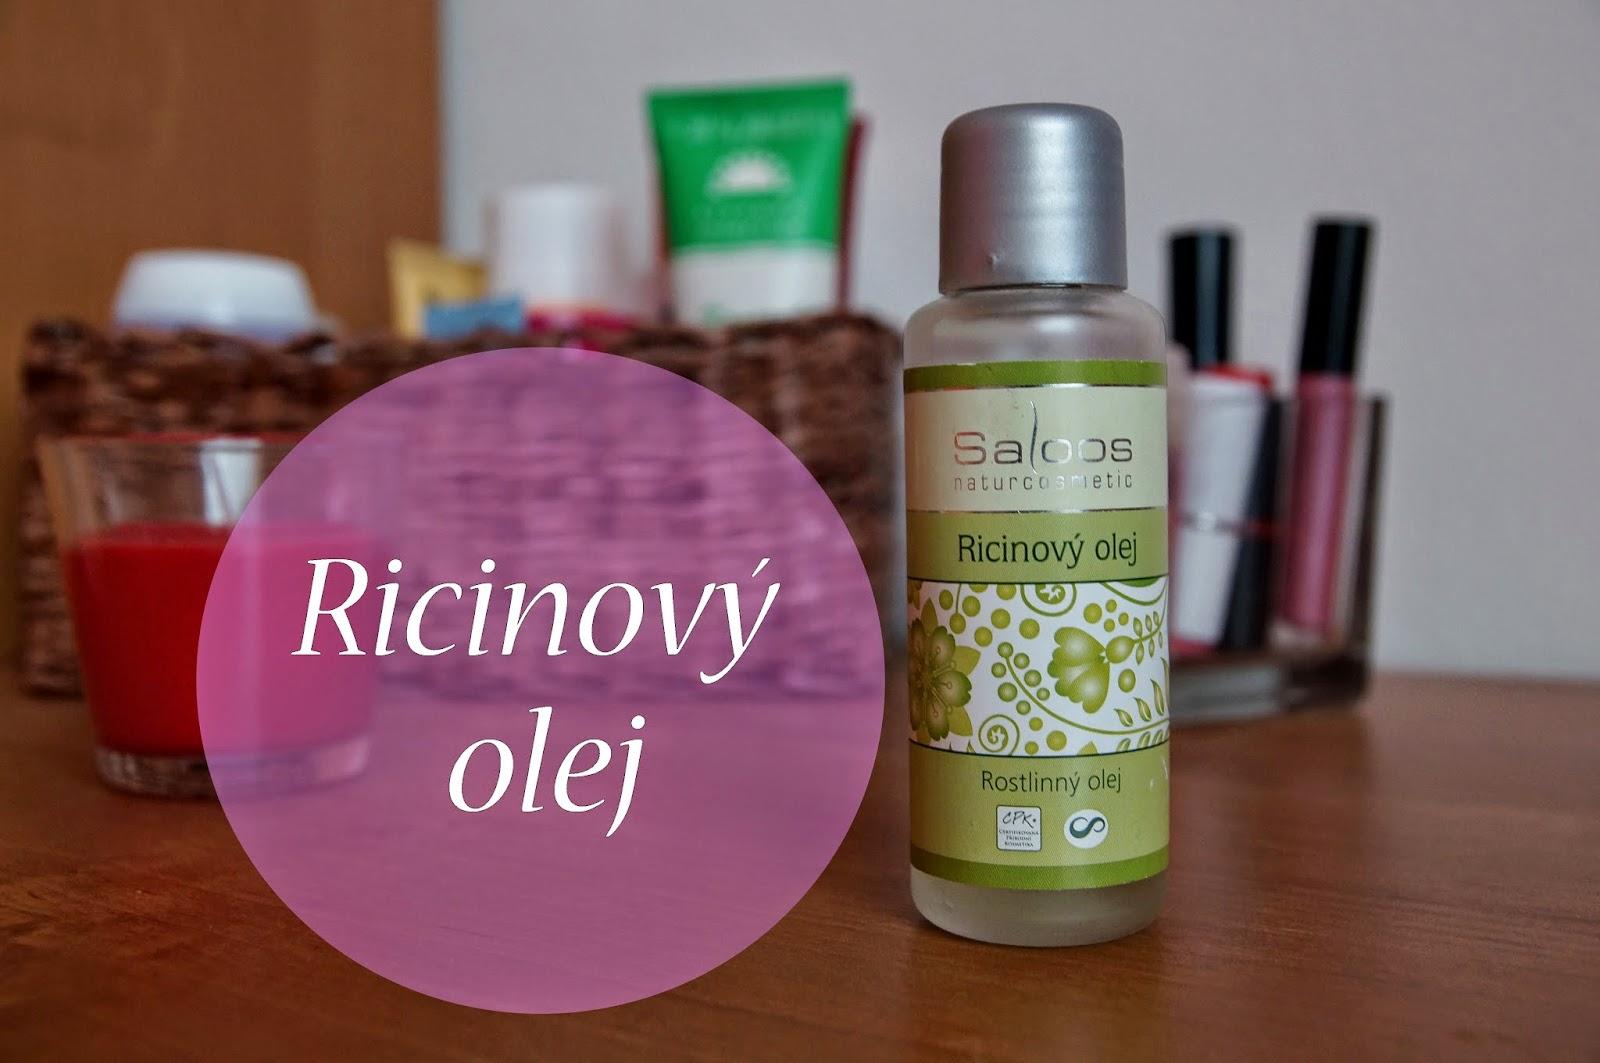 ricinovy olej na vlasy použití